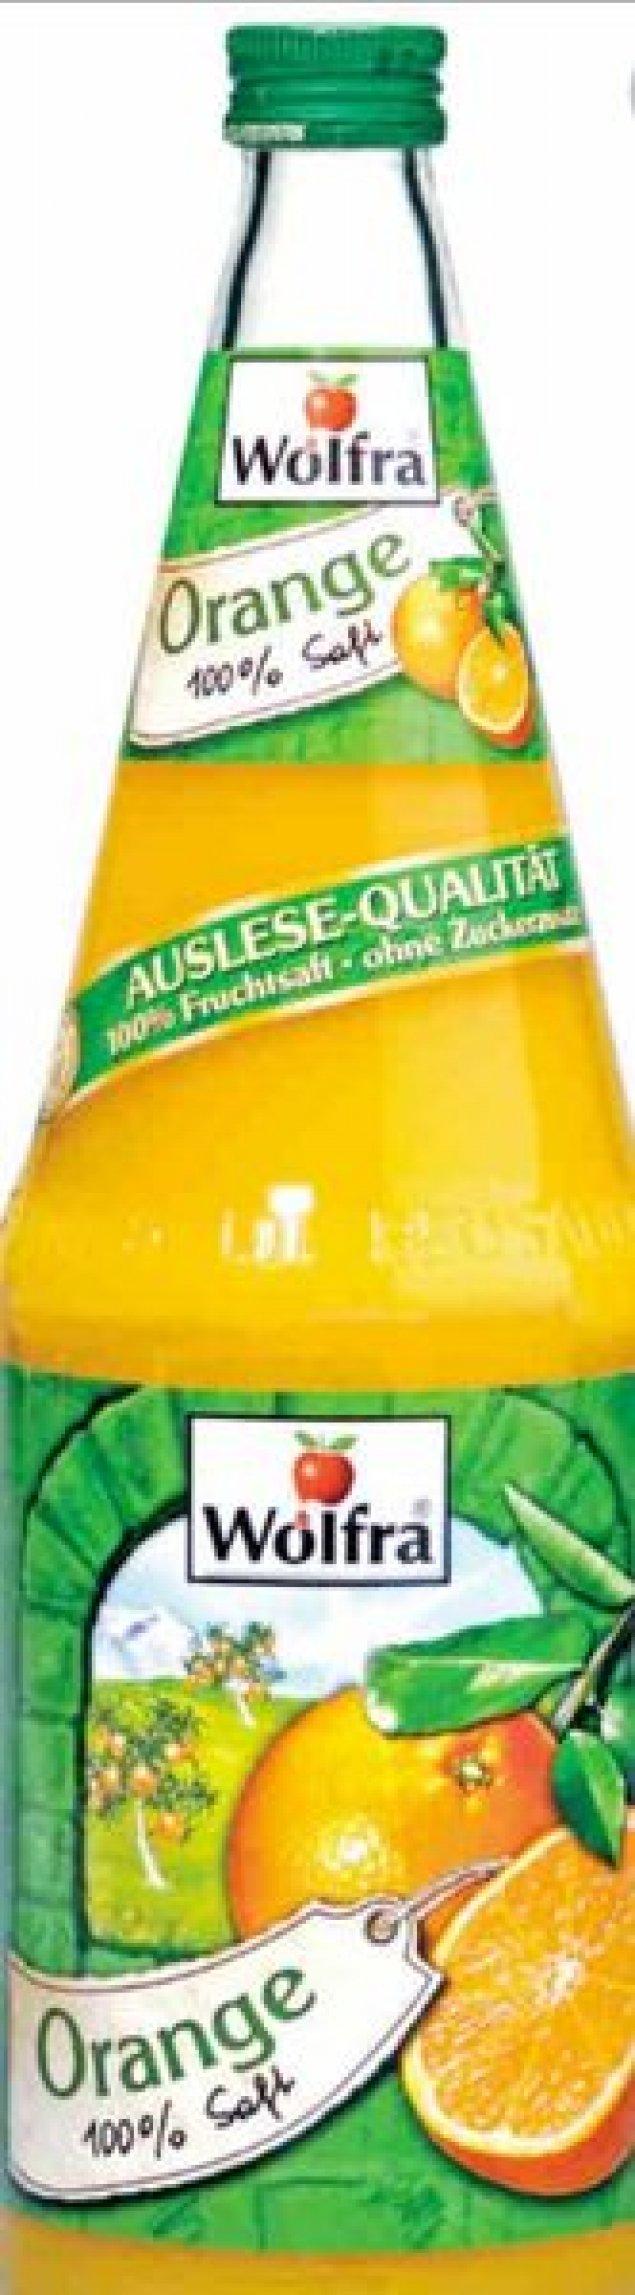 Wolfra Orangensaft 1l